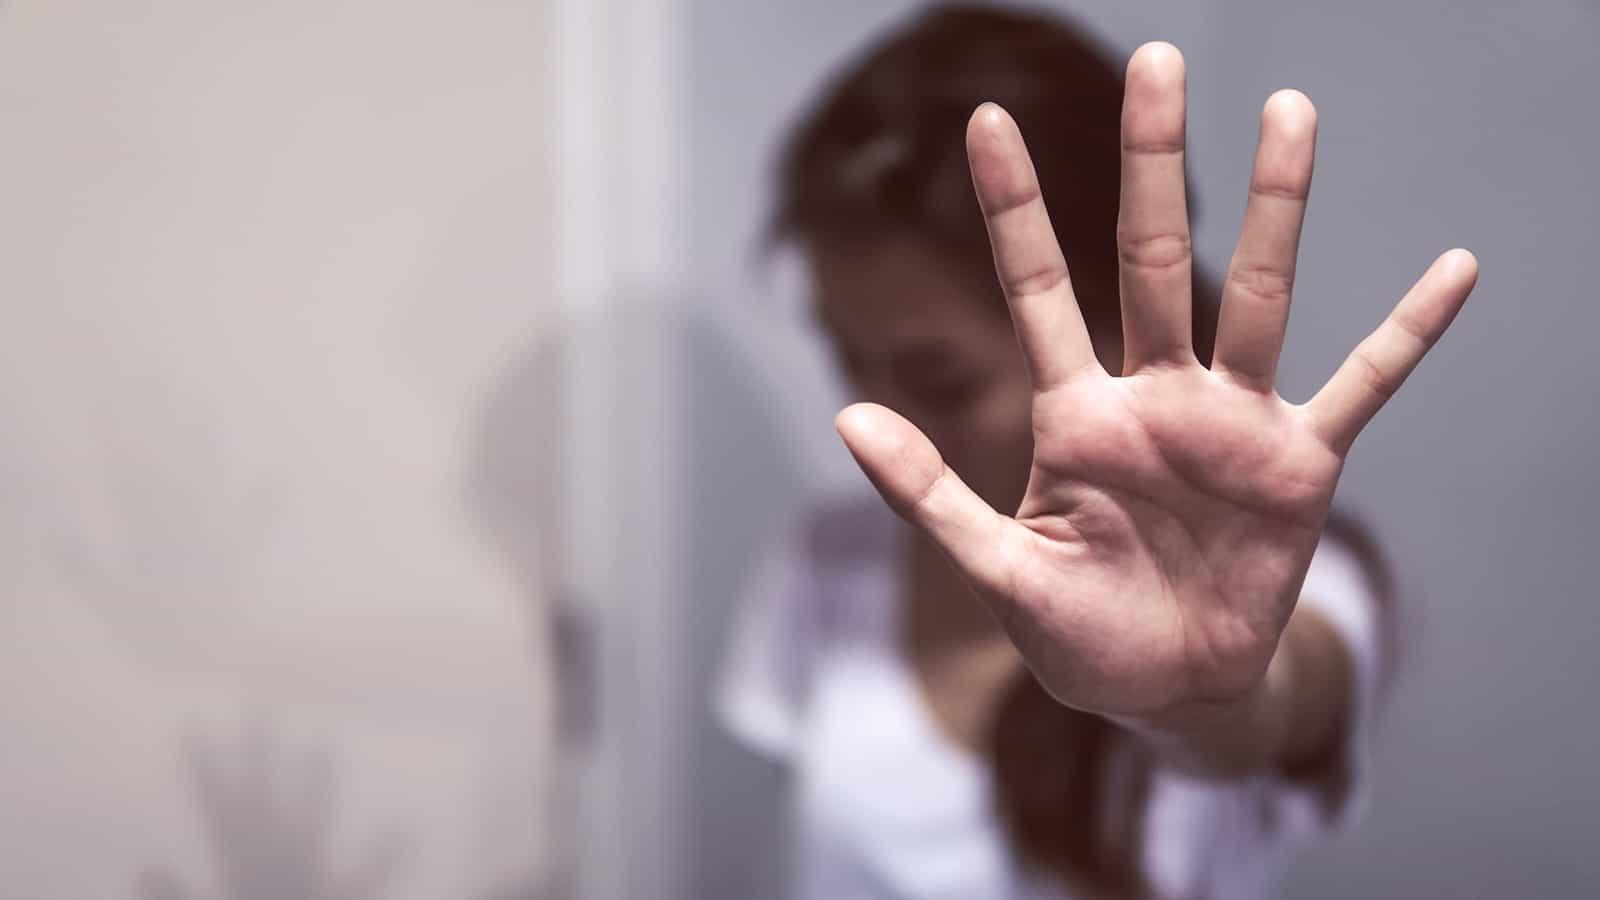 mulher jovem sofrendo um relacionamento abusivo com a mão no vidro